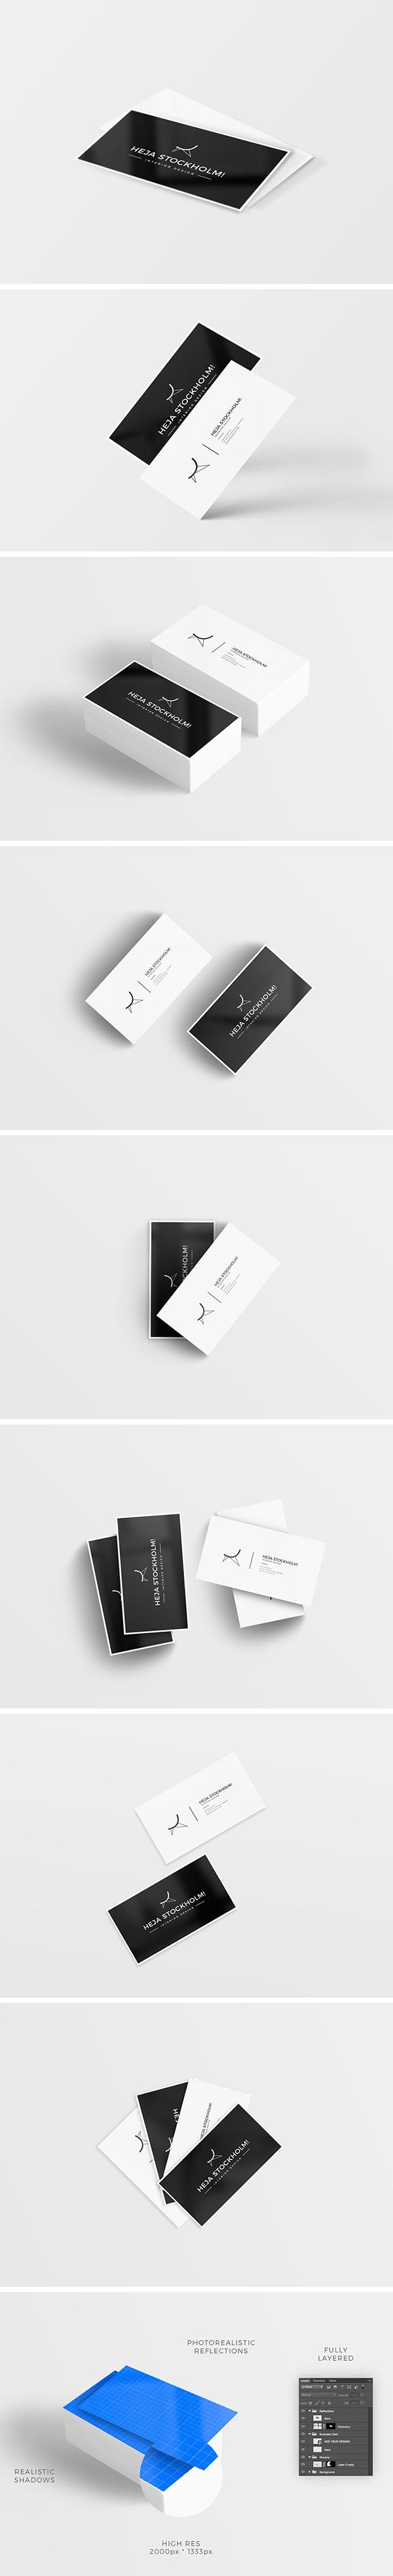 Mockup de tarjetas visita GRATIS